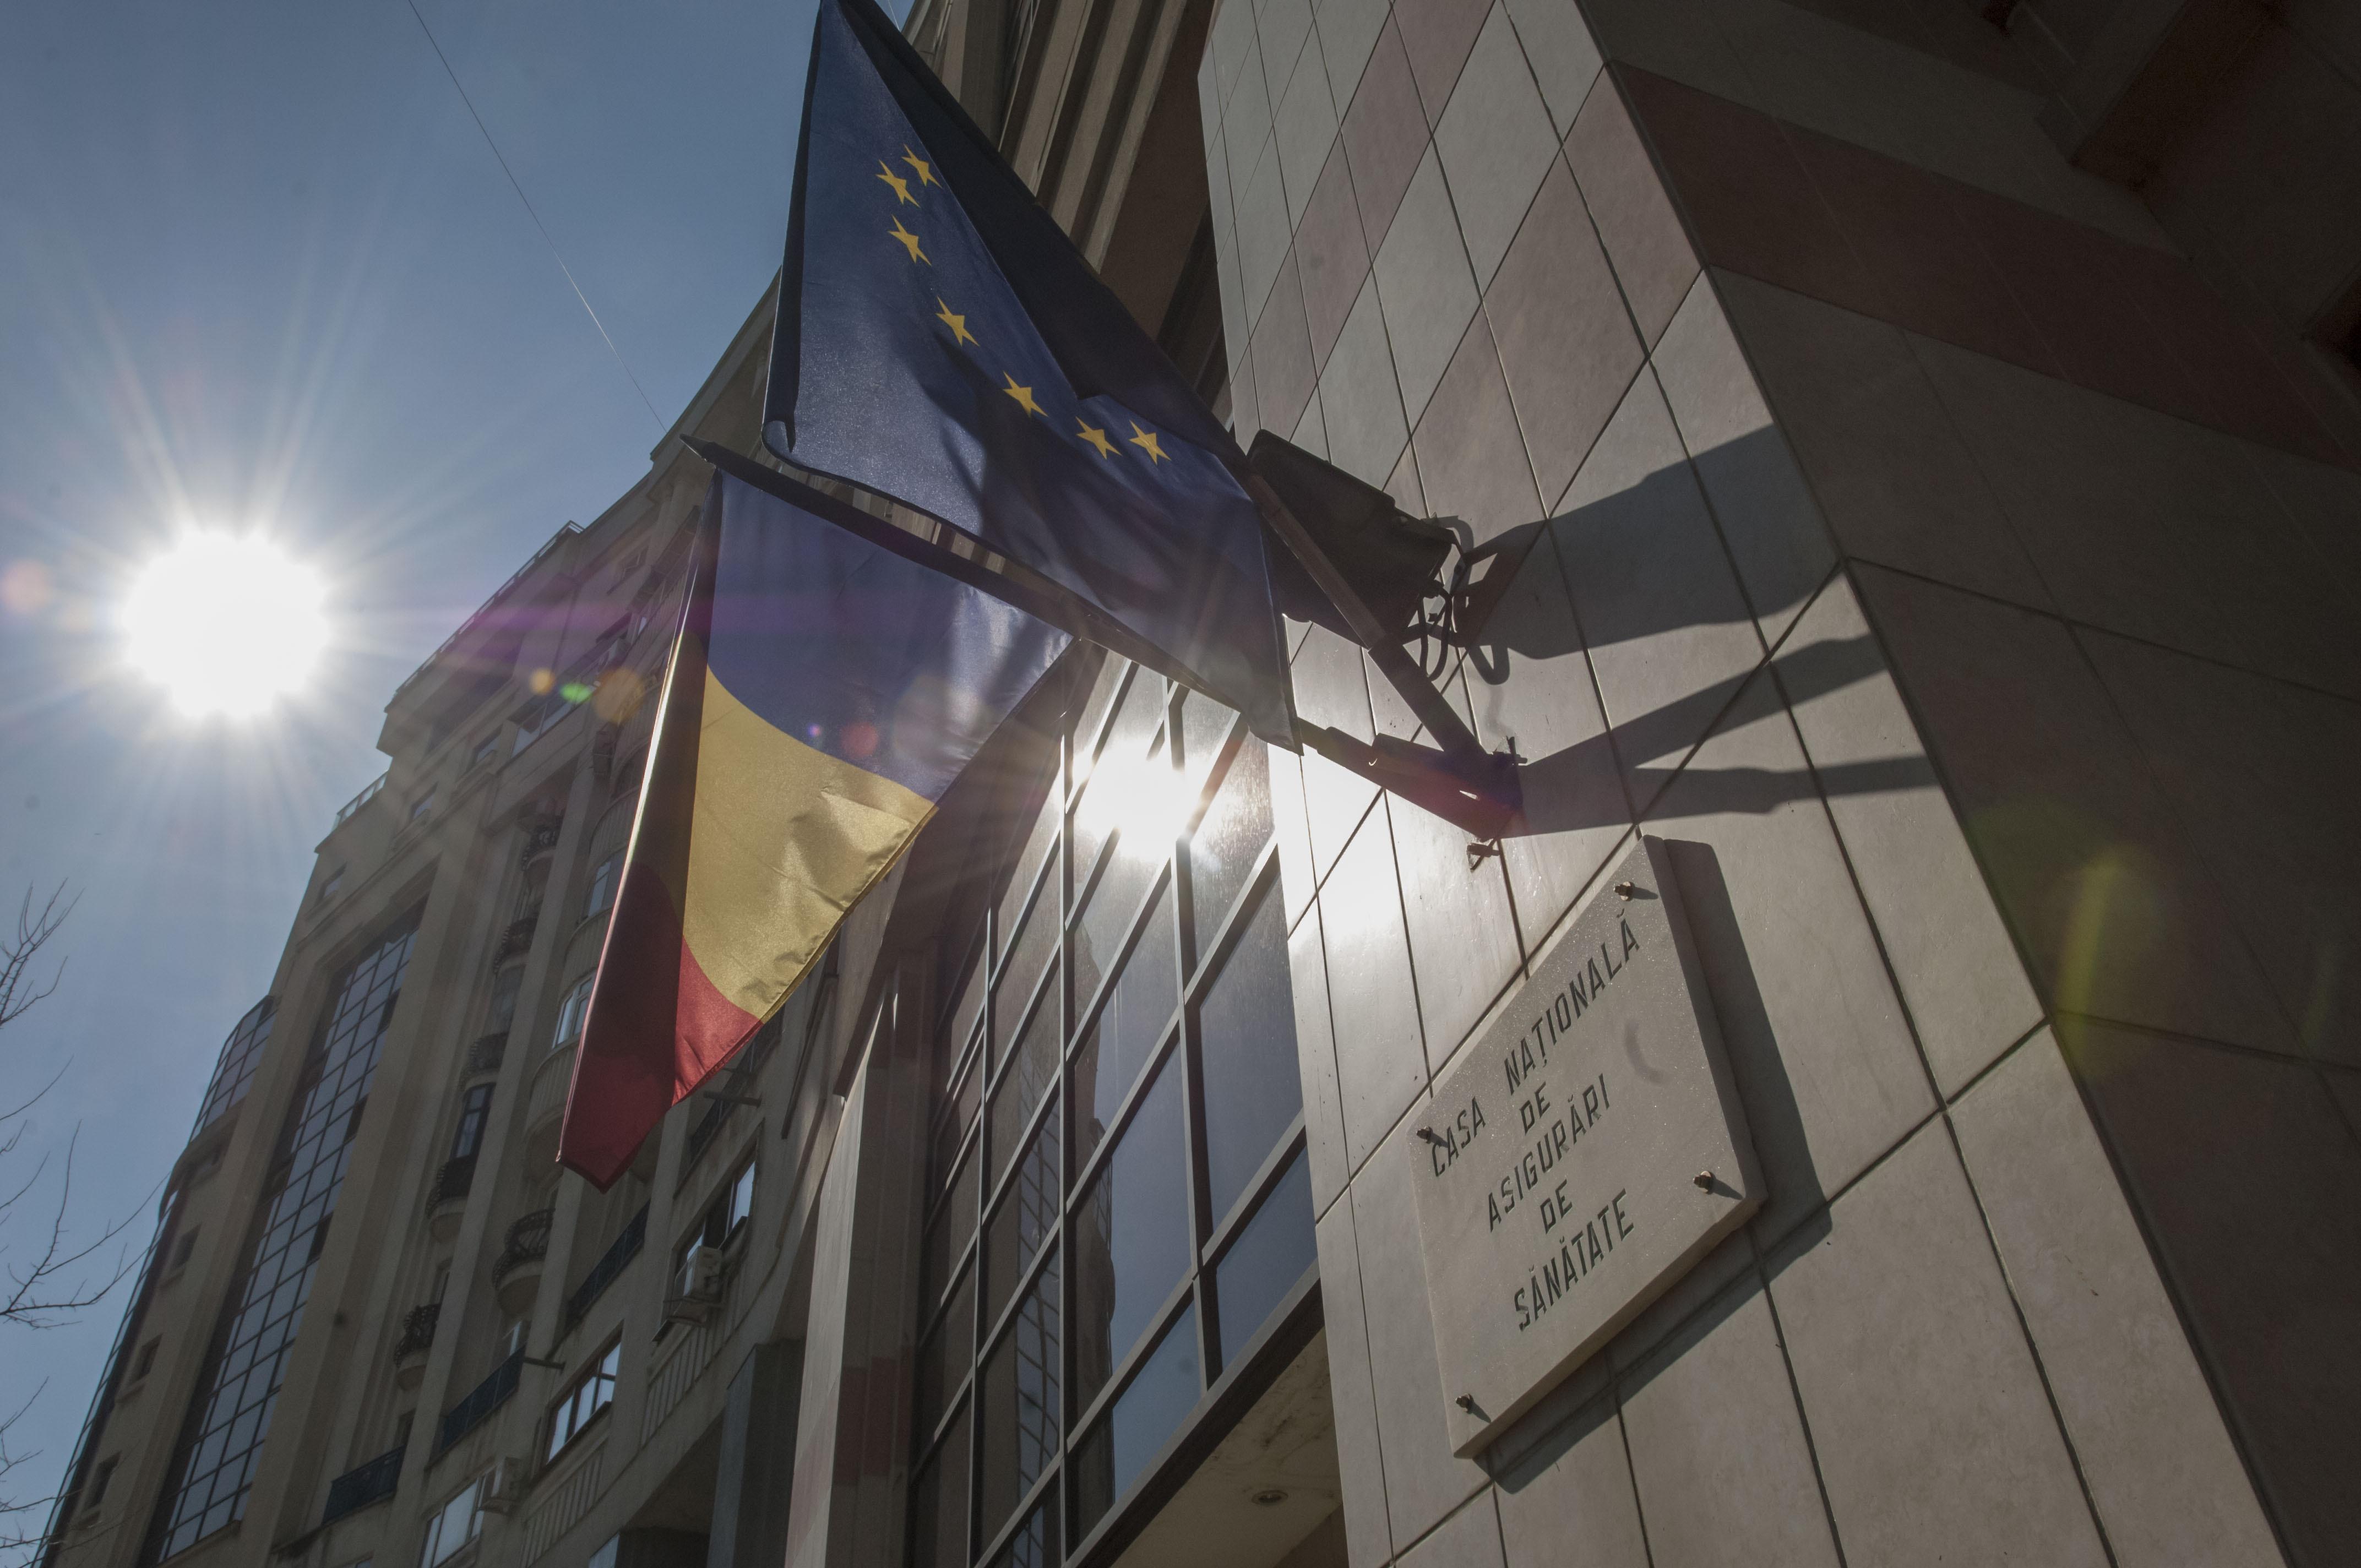 Dosarul decontărilor fictive de la CNAS | Referat: Fostul consilier SRI Sergiu Ciobanu se lăuda cu intervenţii la Dan Nica, pe atunci ministrul de Interne